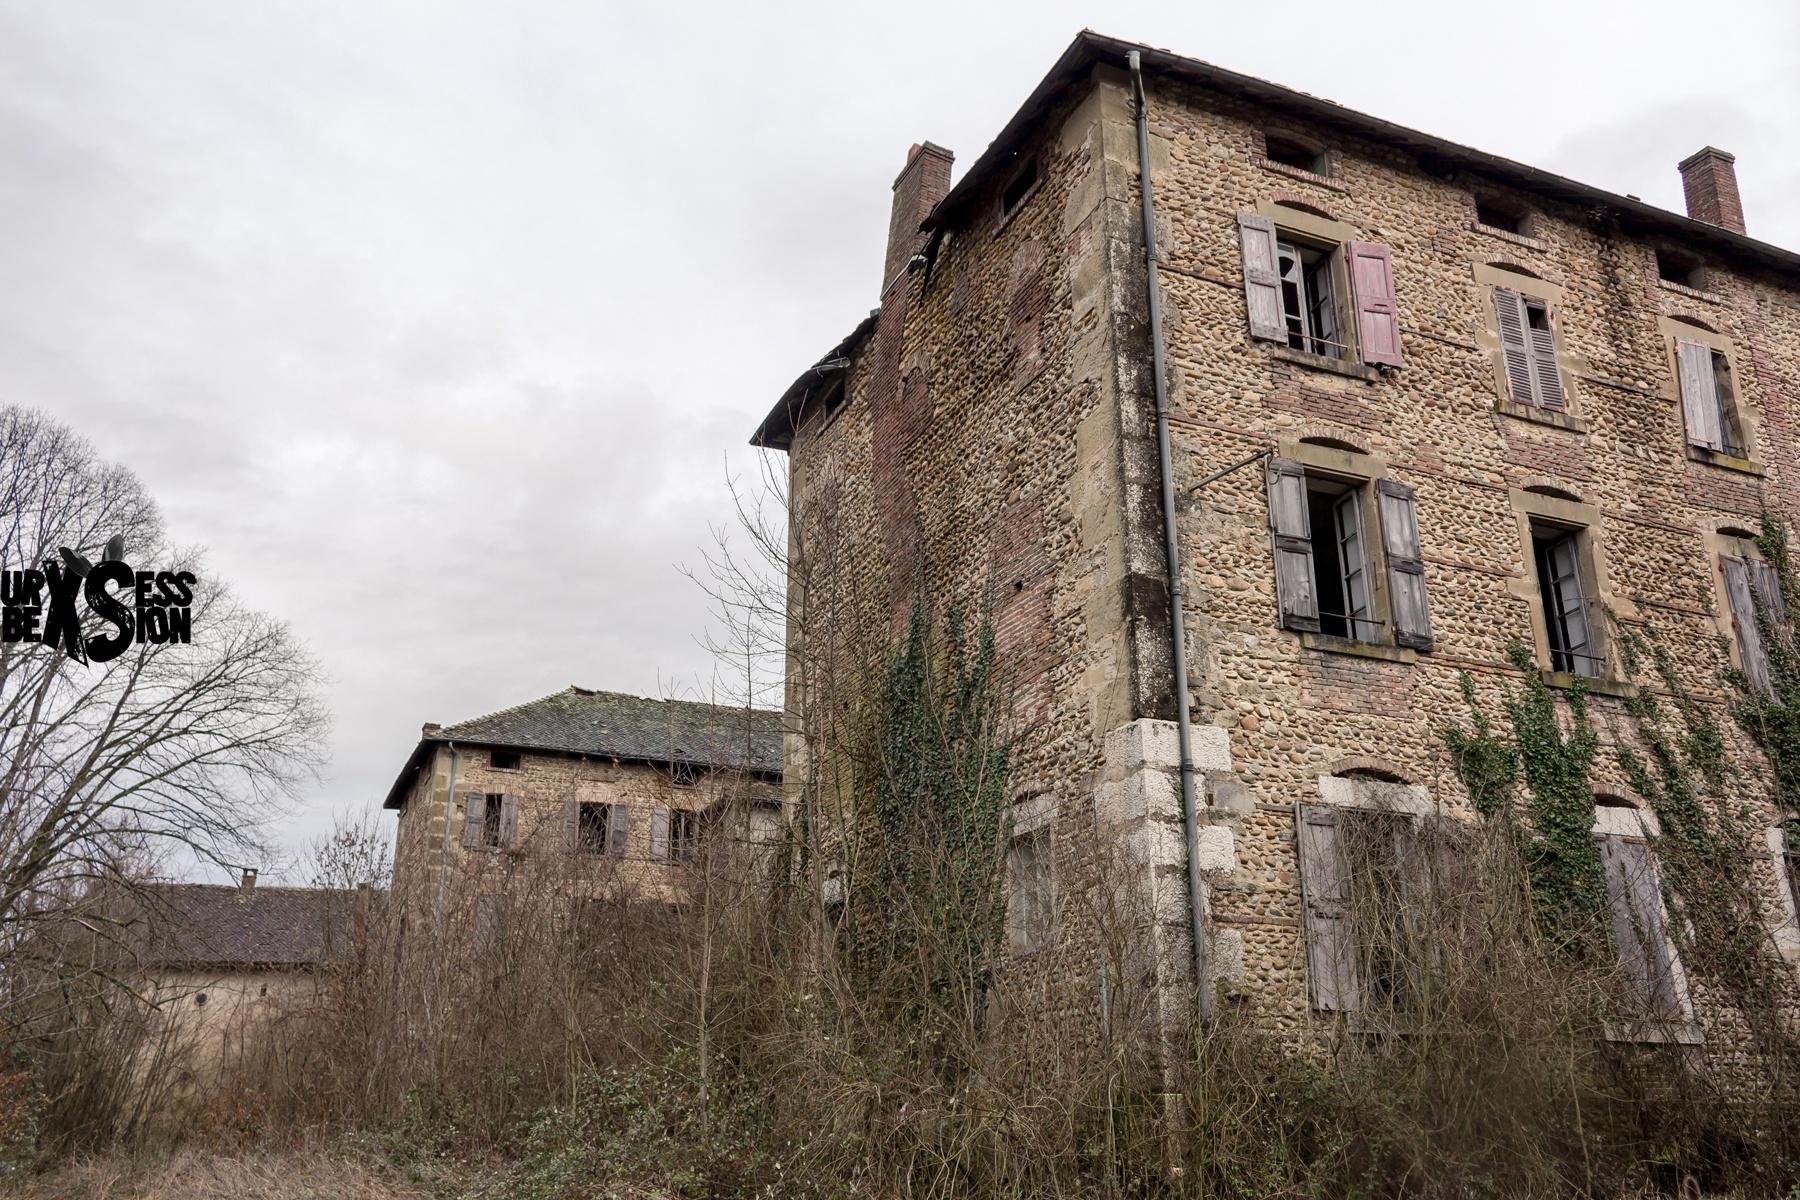 Couvent abandonné en France   urbexsession.com/couvent-pierre-dufour   Urbex France